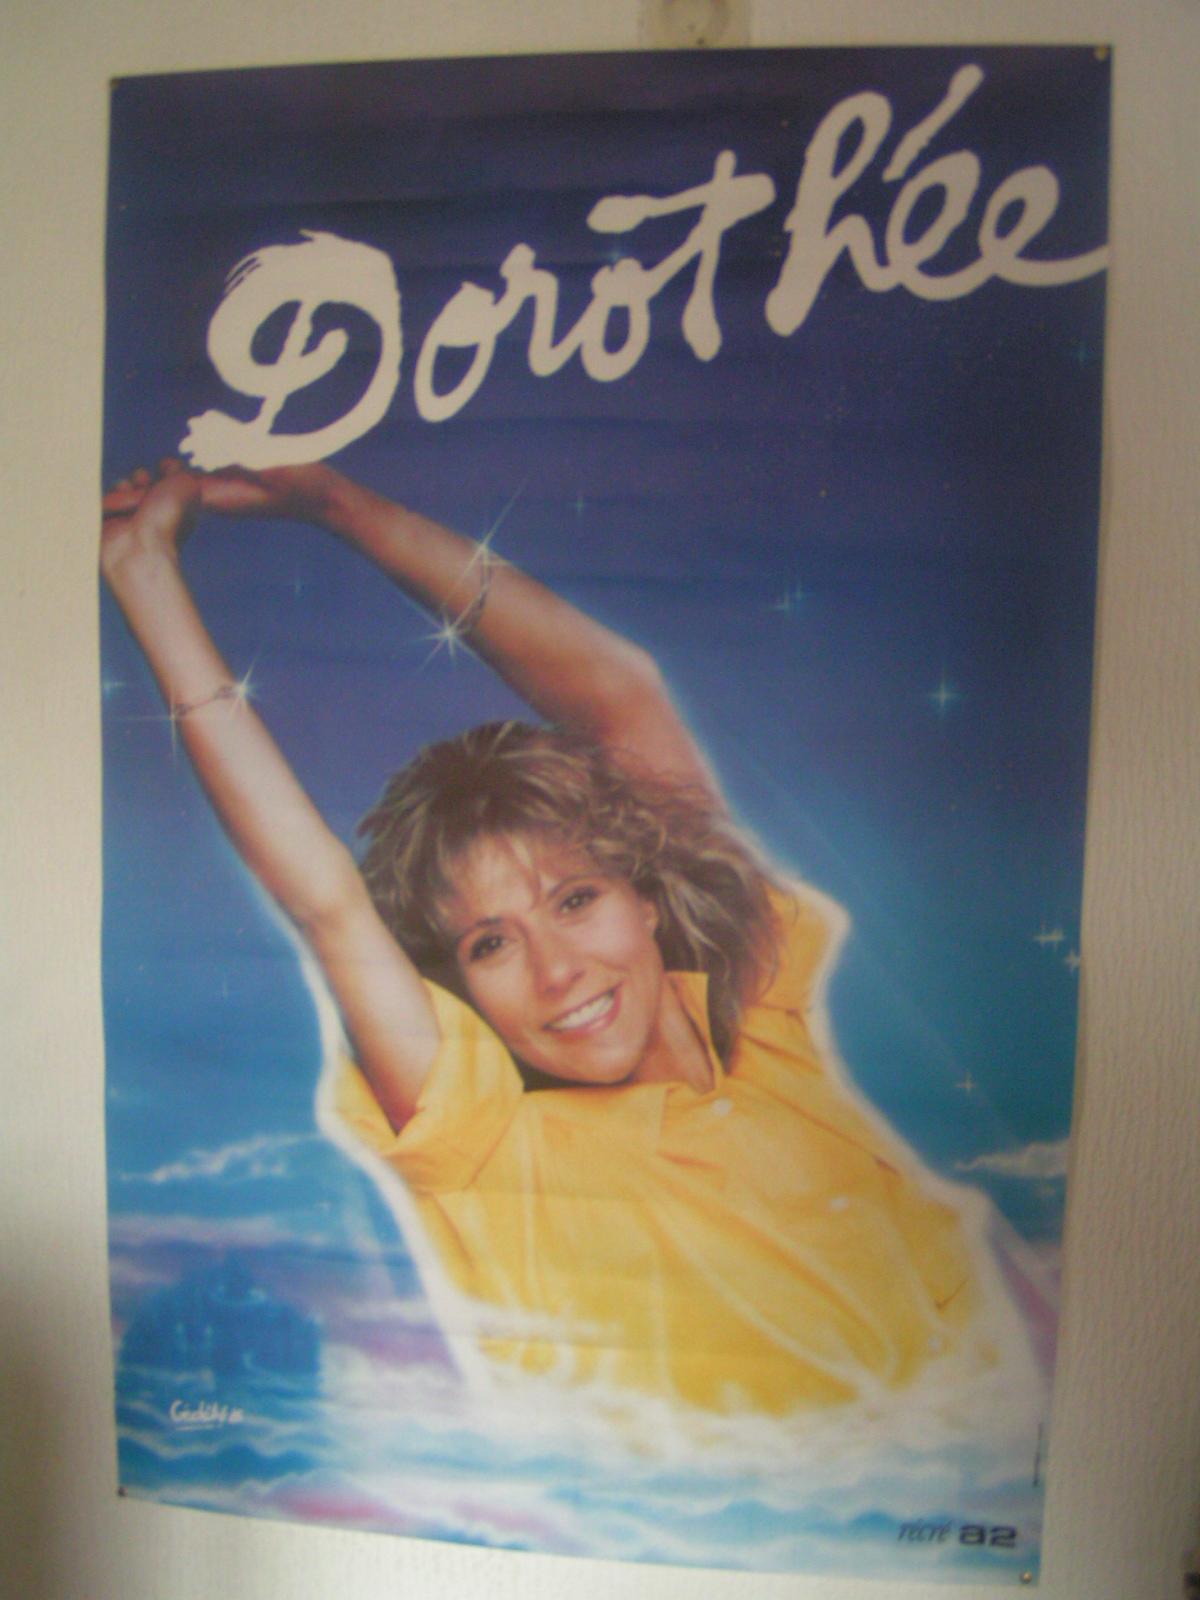 Dorothée et AB Productions (Récré A2 - Club Dorothée) Pict0003gv